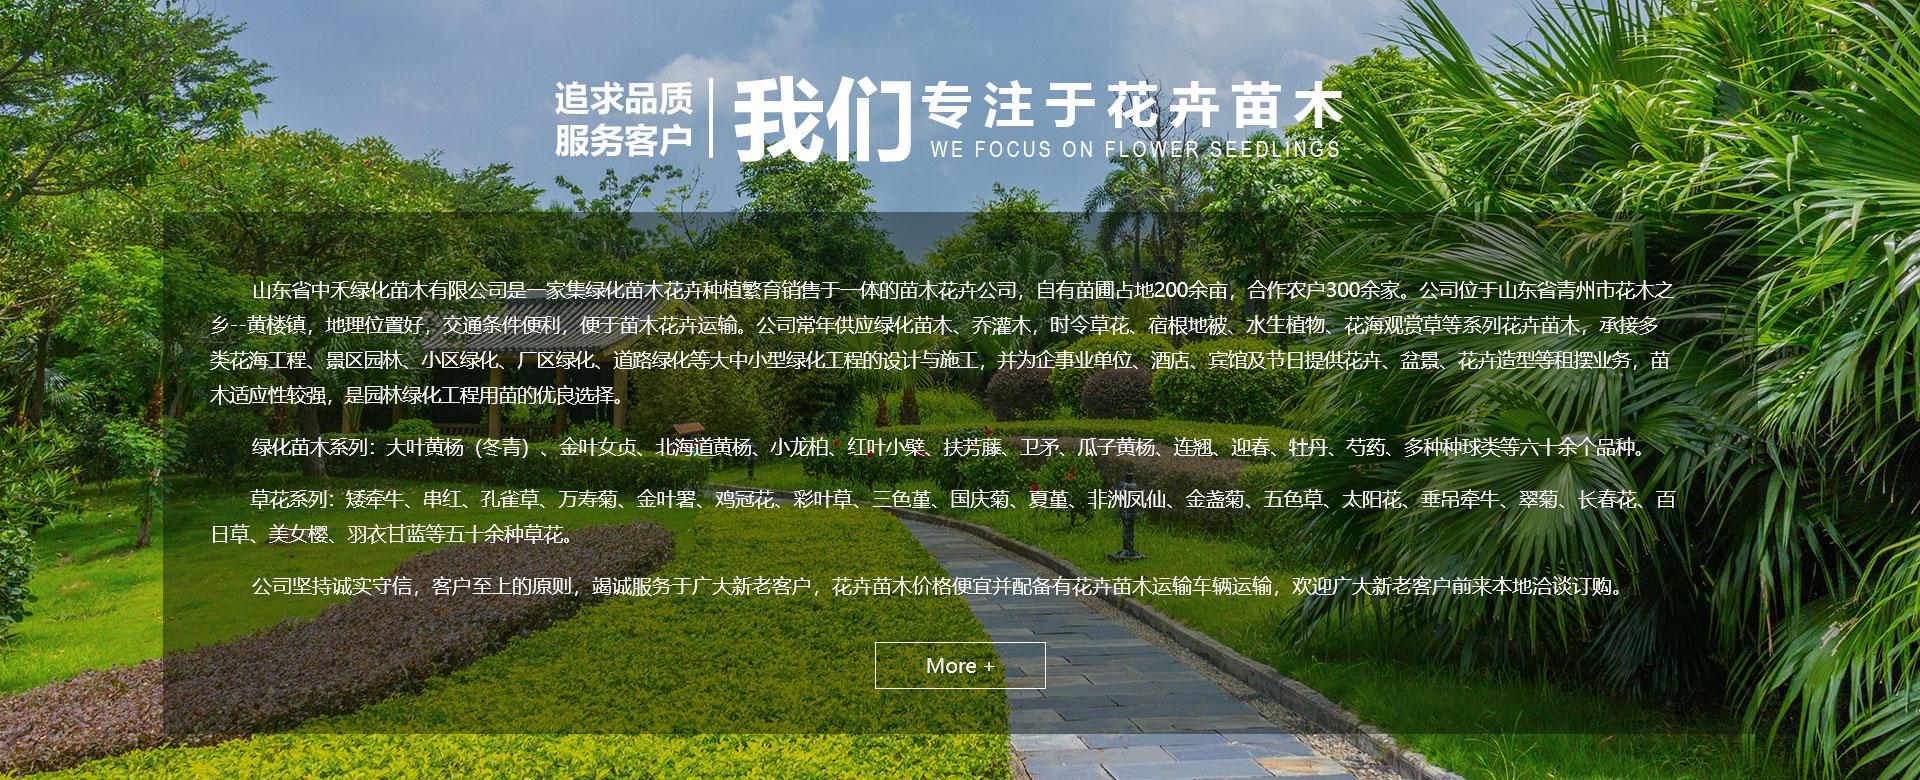 山东省中禾绿化苗木有限公司介绍